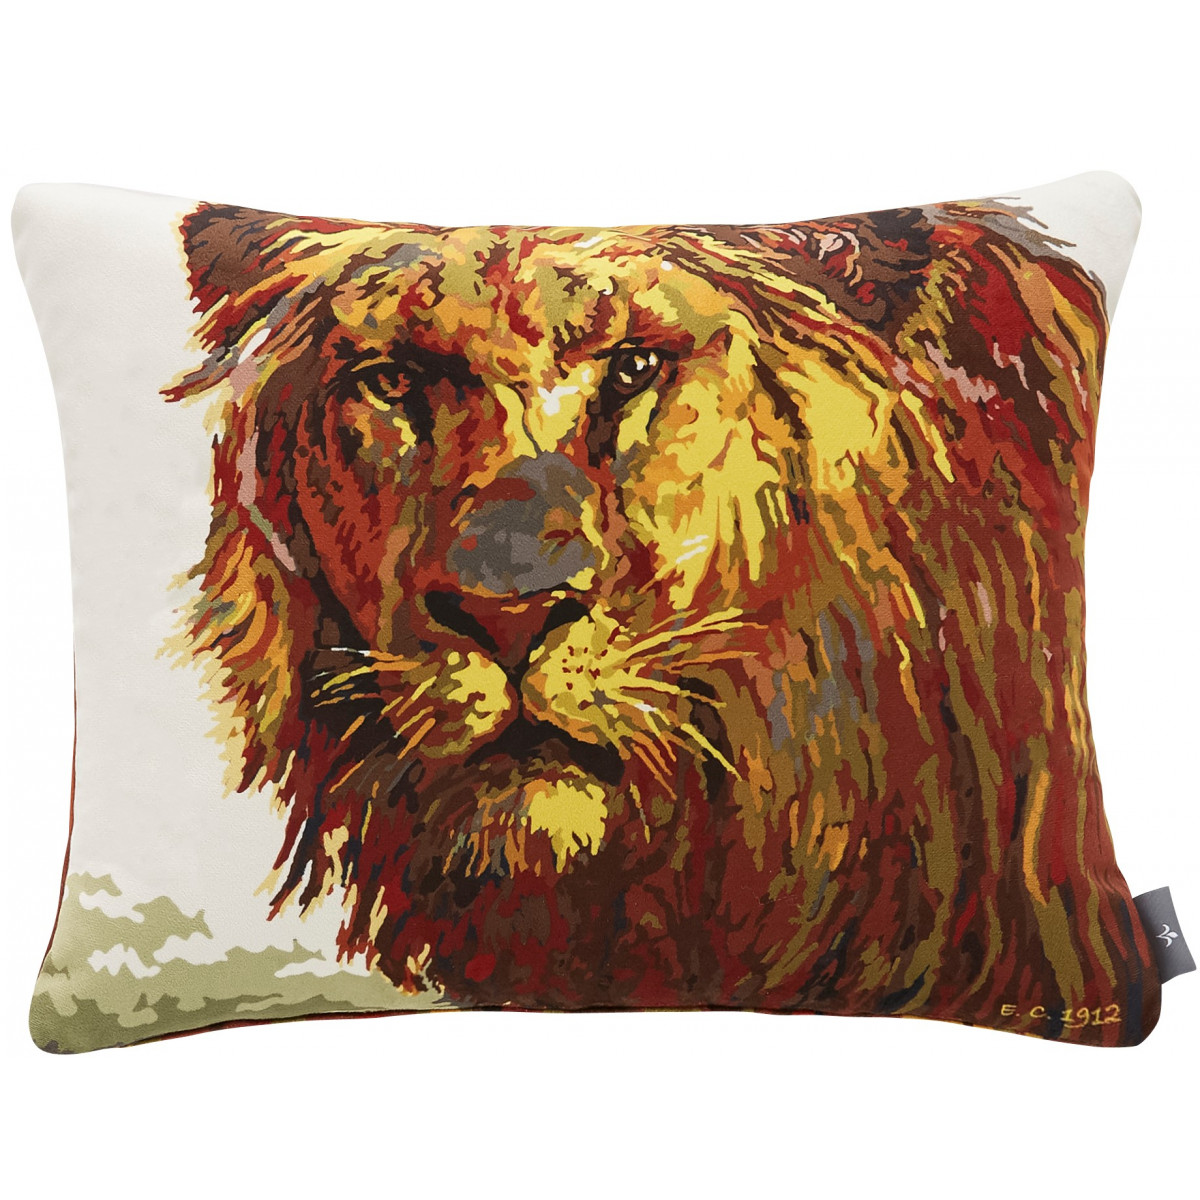 Coussin lion velours Marron 37 x 47